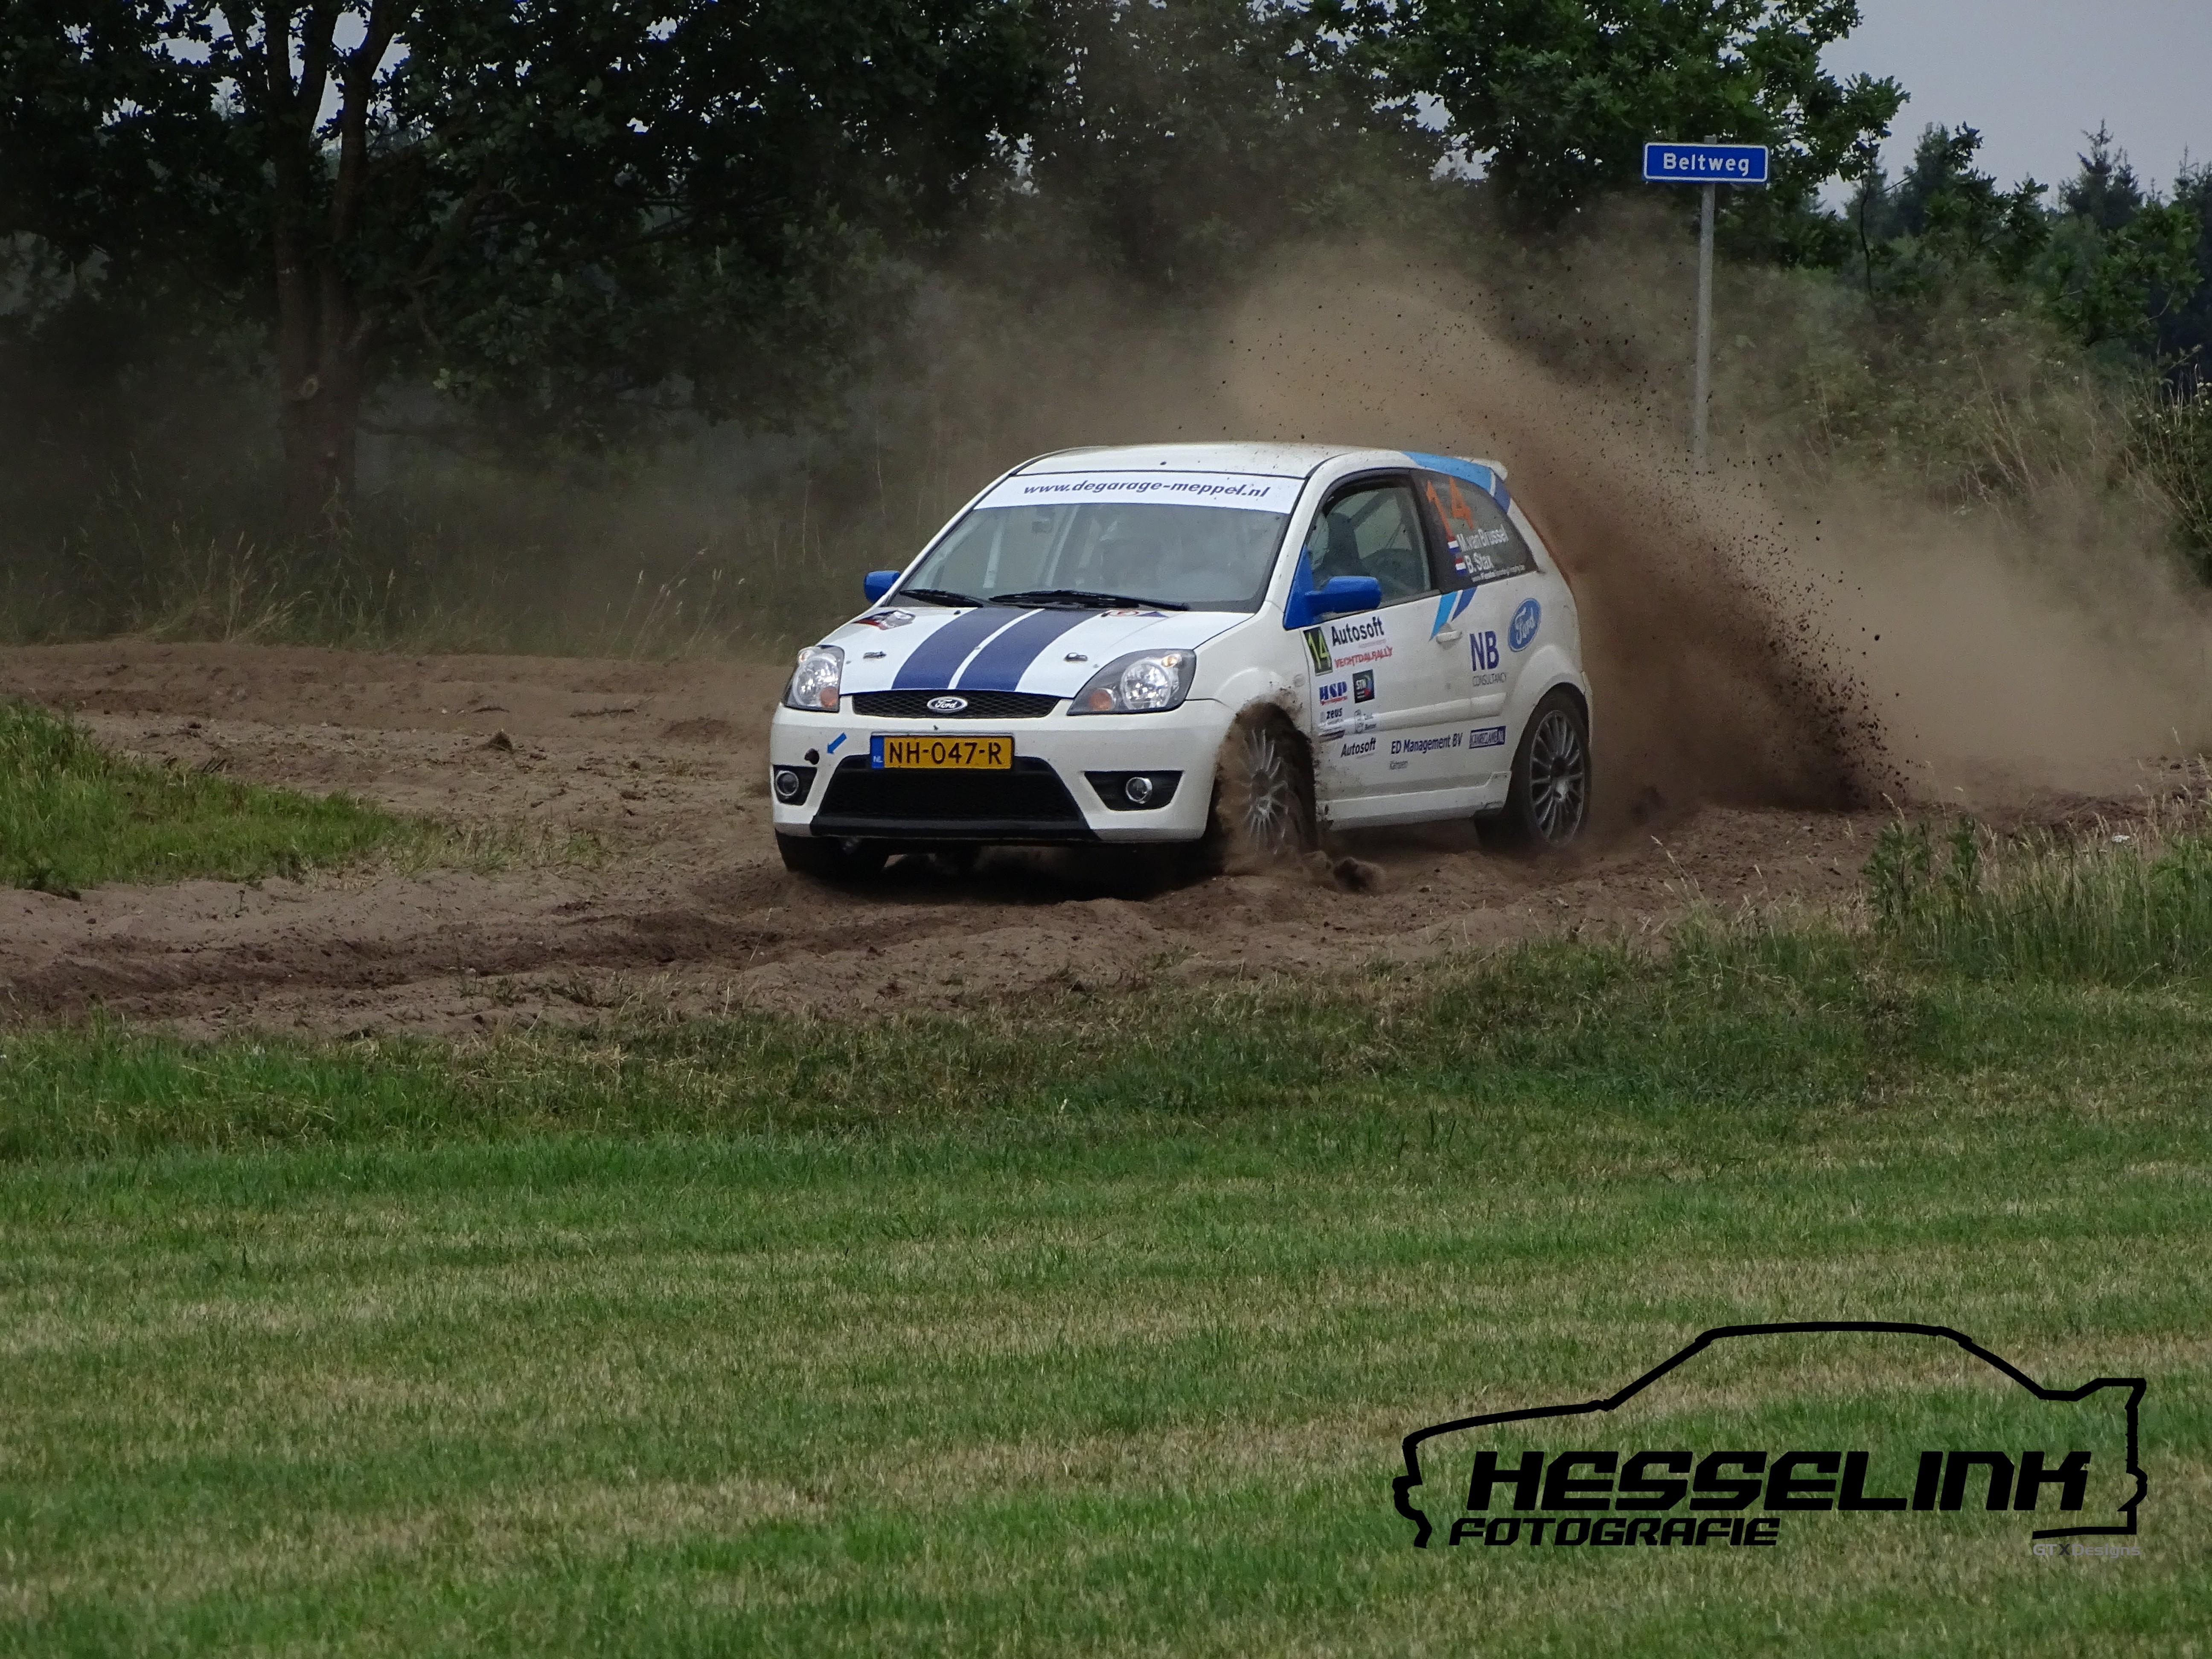 Roan Hesselink3